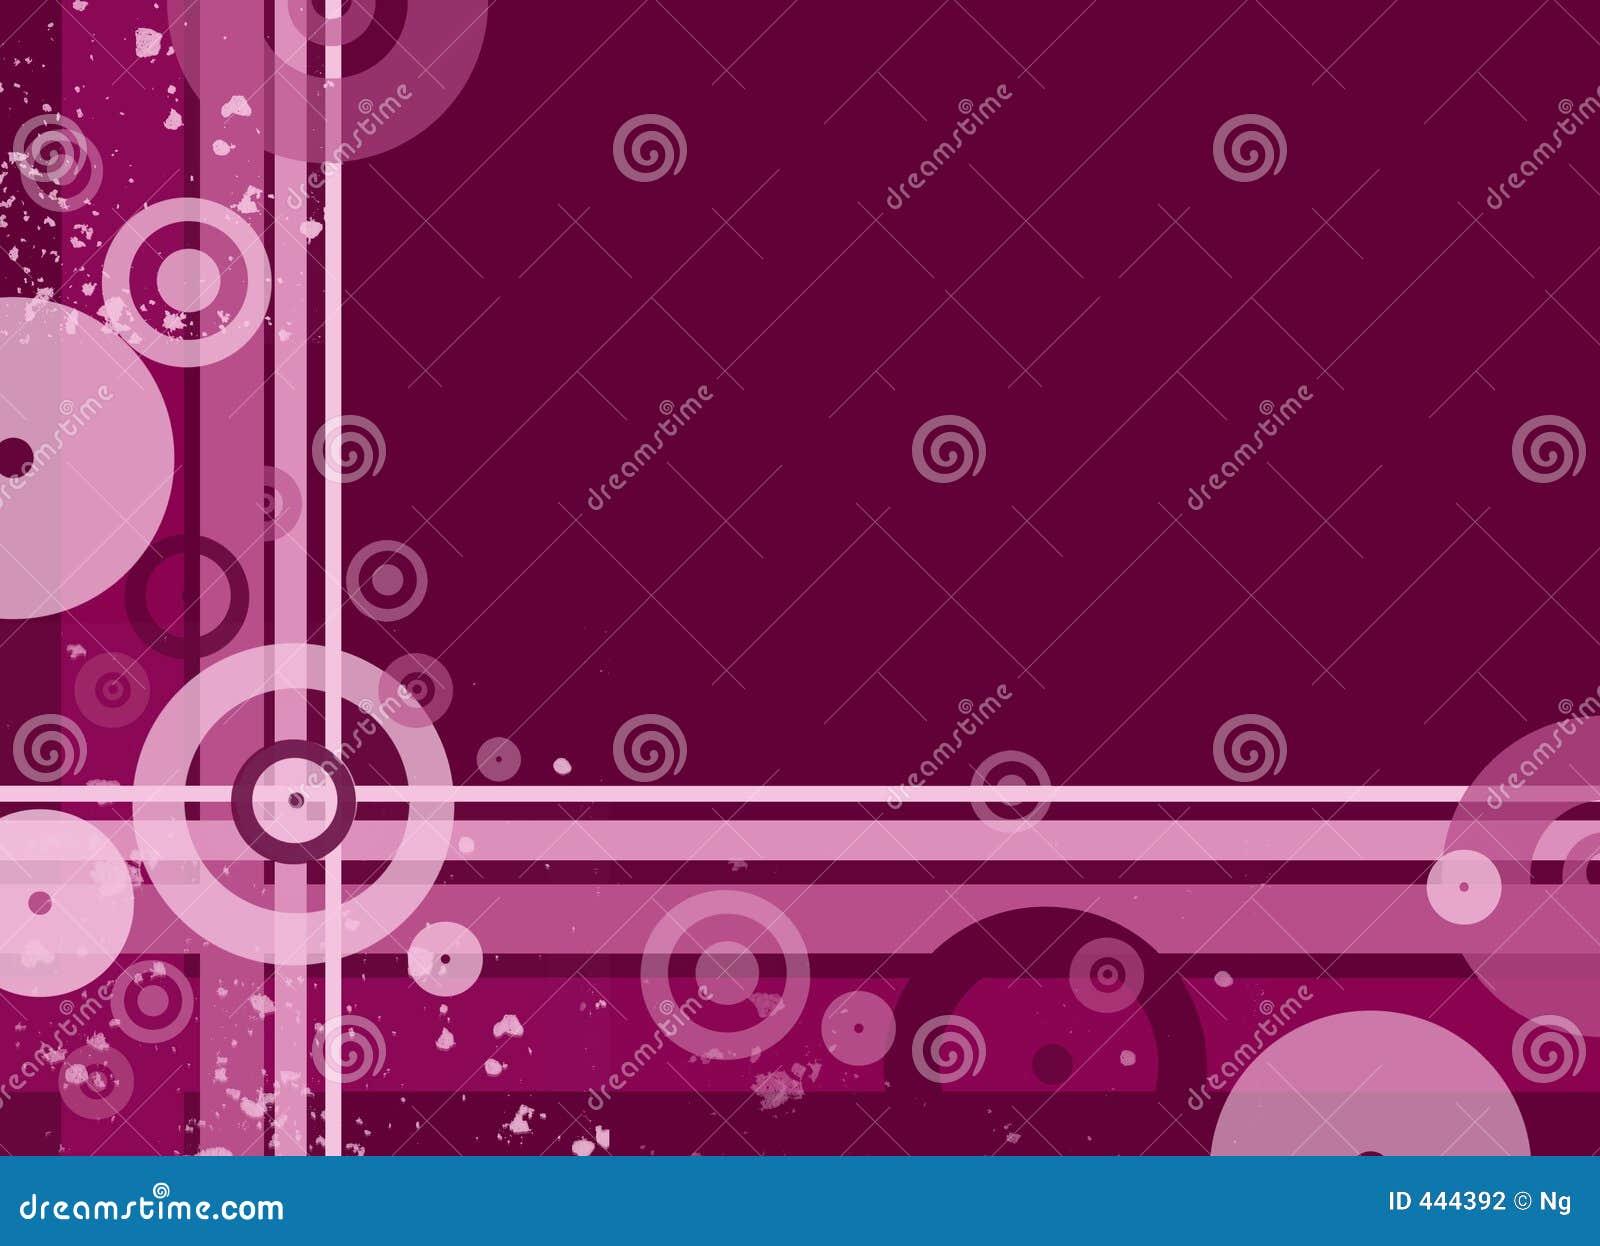 Ilustración del fondo del estilo del vector